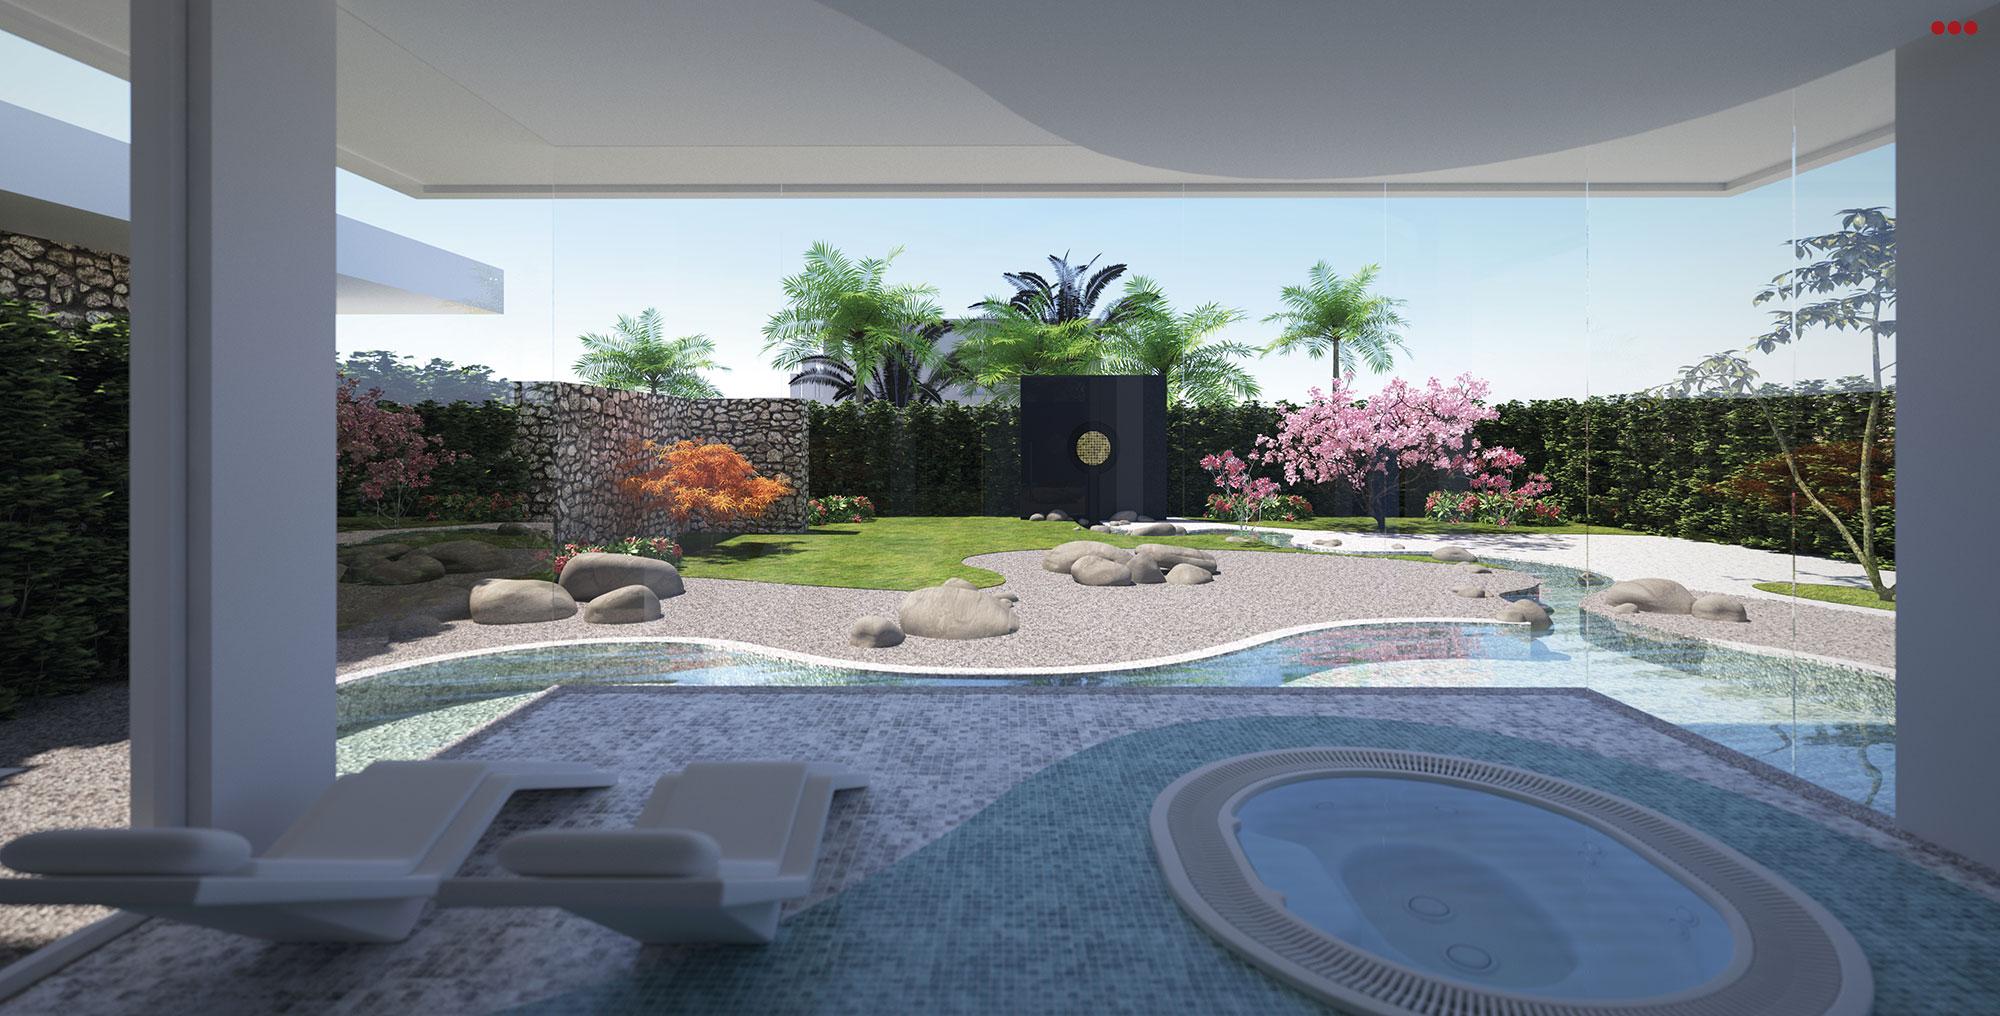 3D Studio Bartolini Villa Pemba progettazione rendering architettura grafica 10